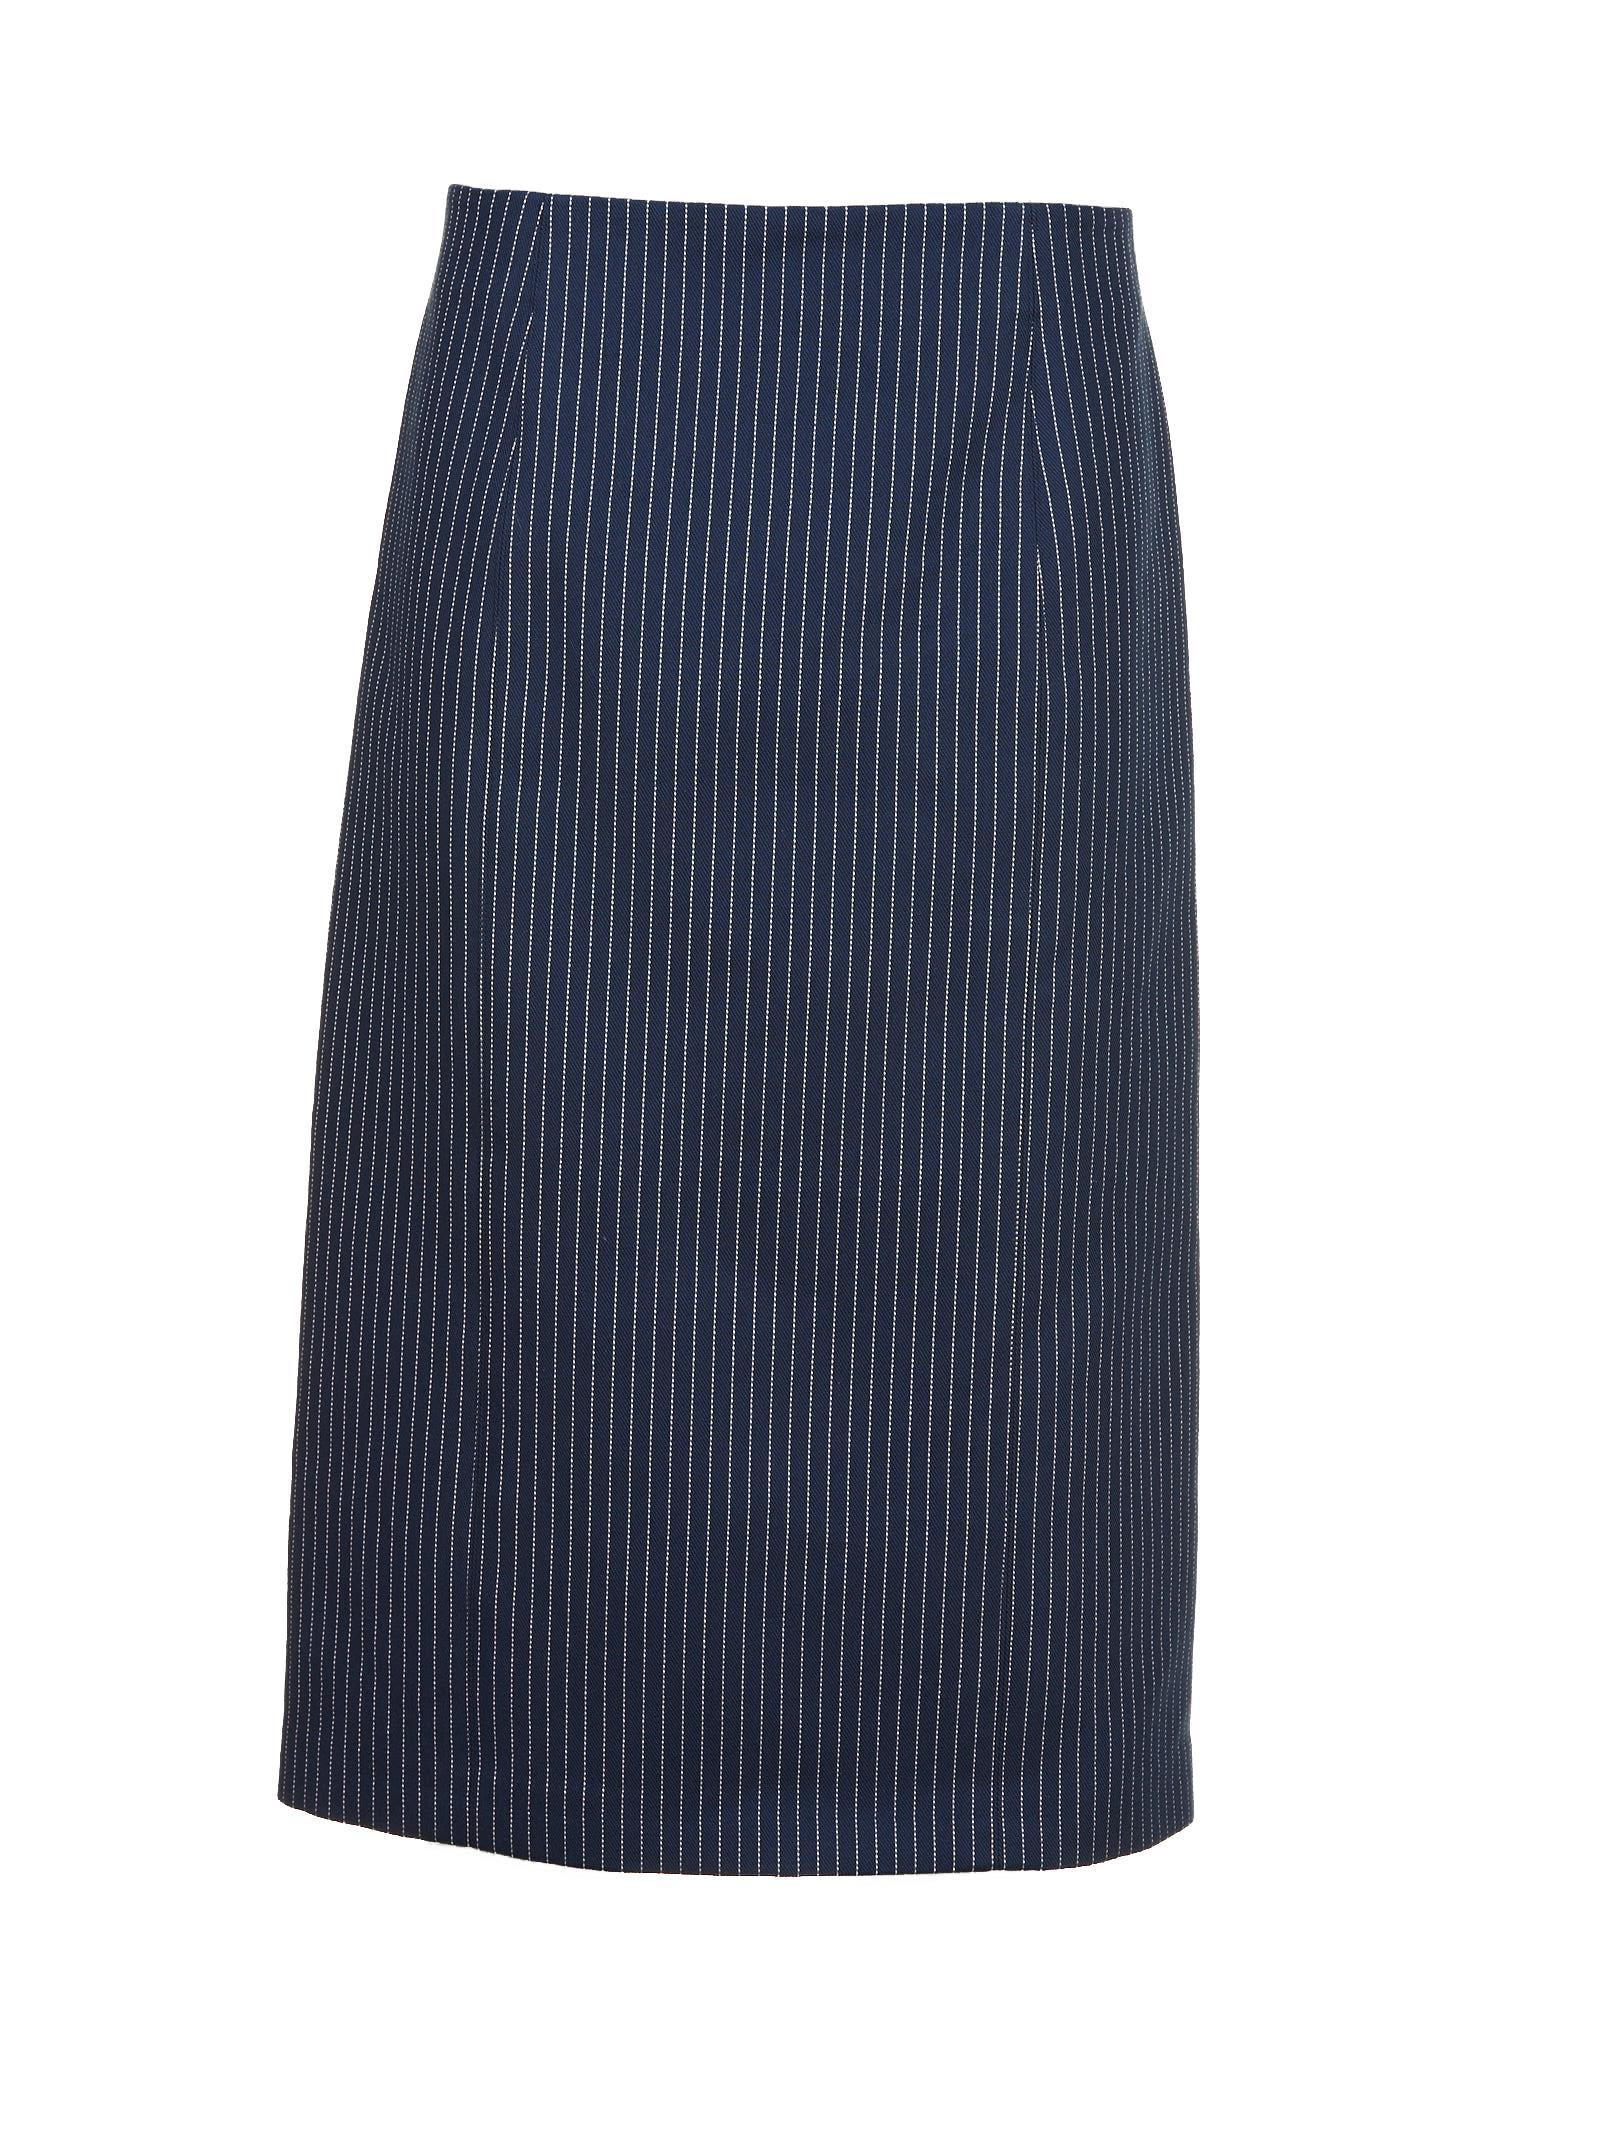 3a18e0c1c126 Fendi Fendi Pinstripe Midi Skirt - Blue - 10584933